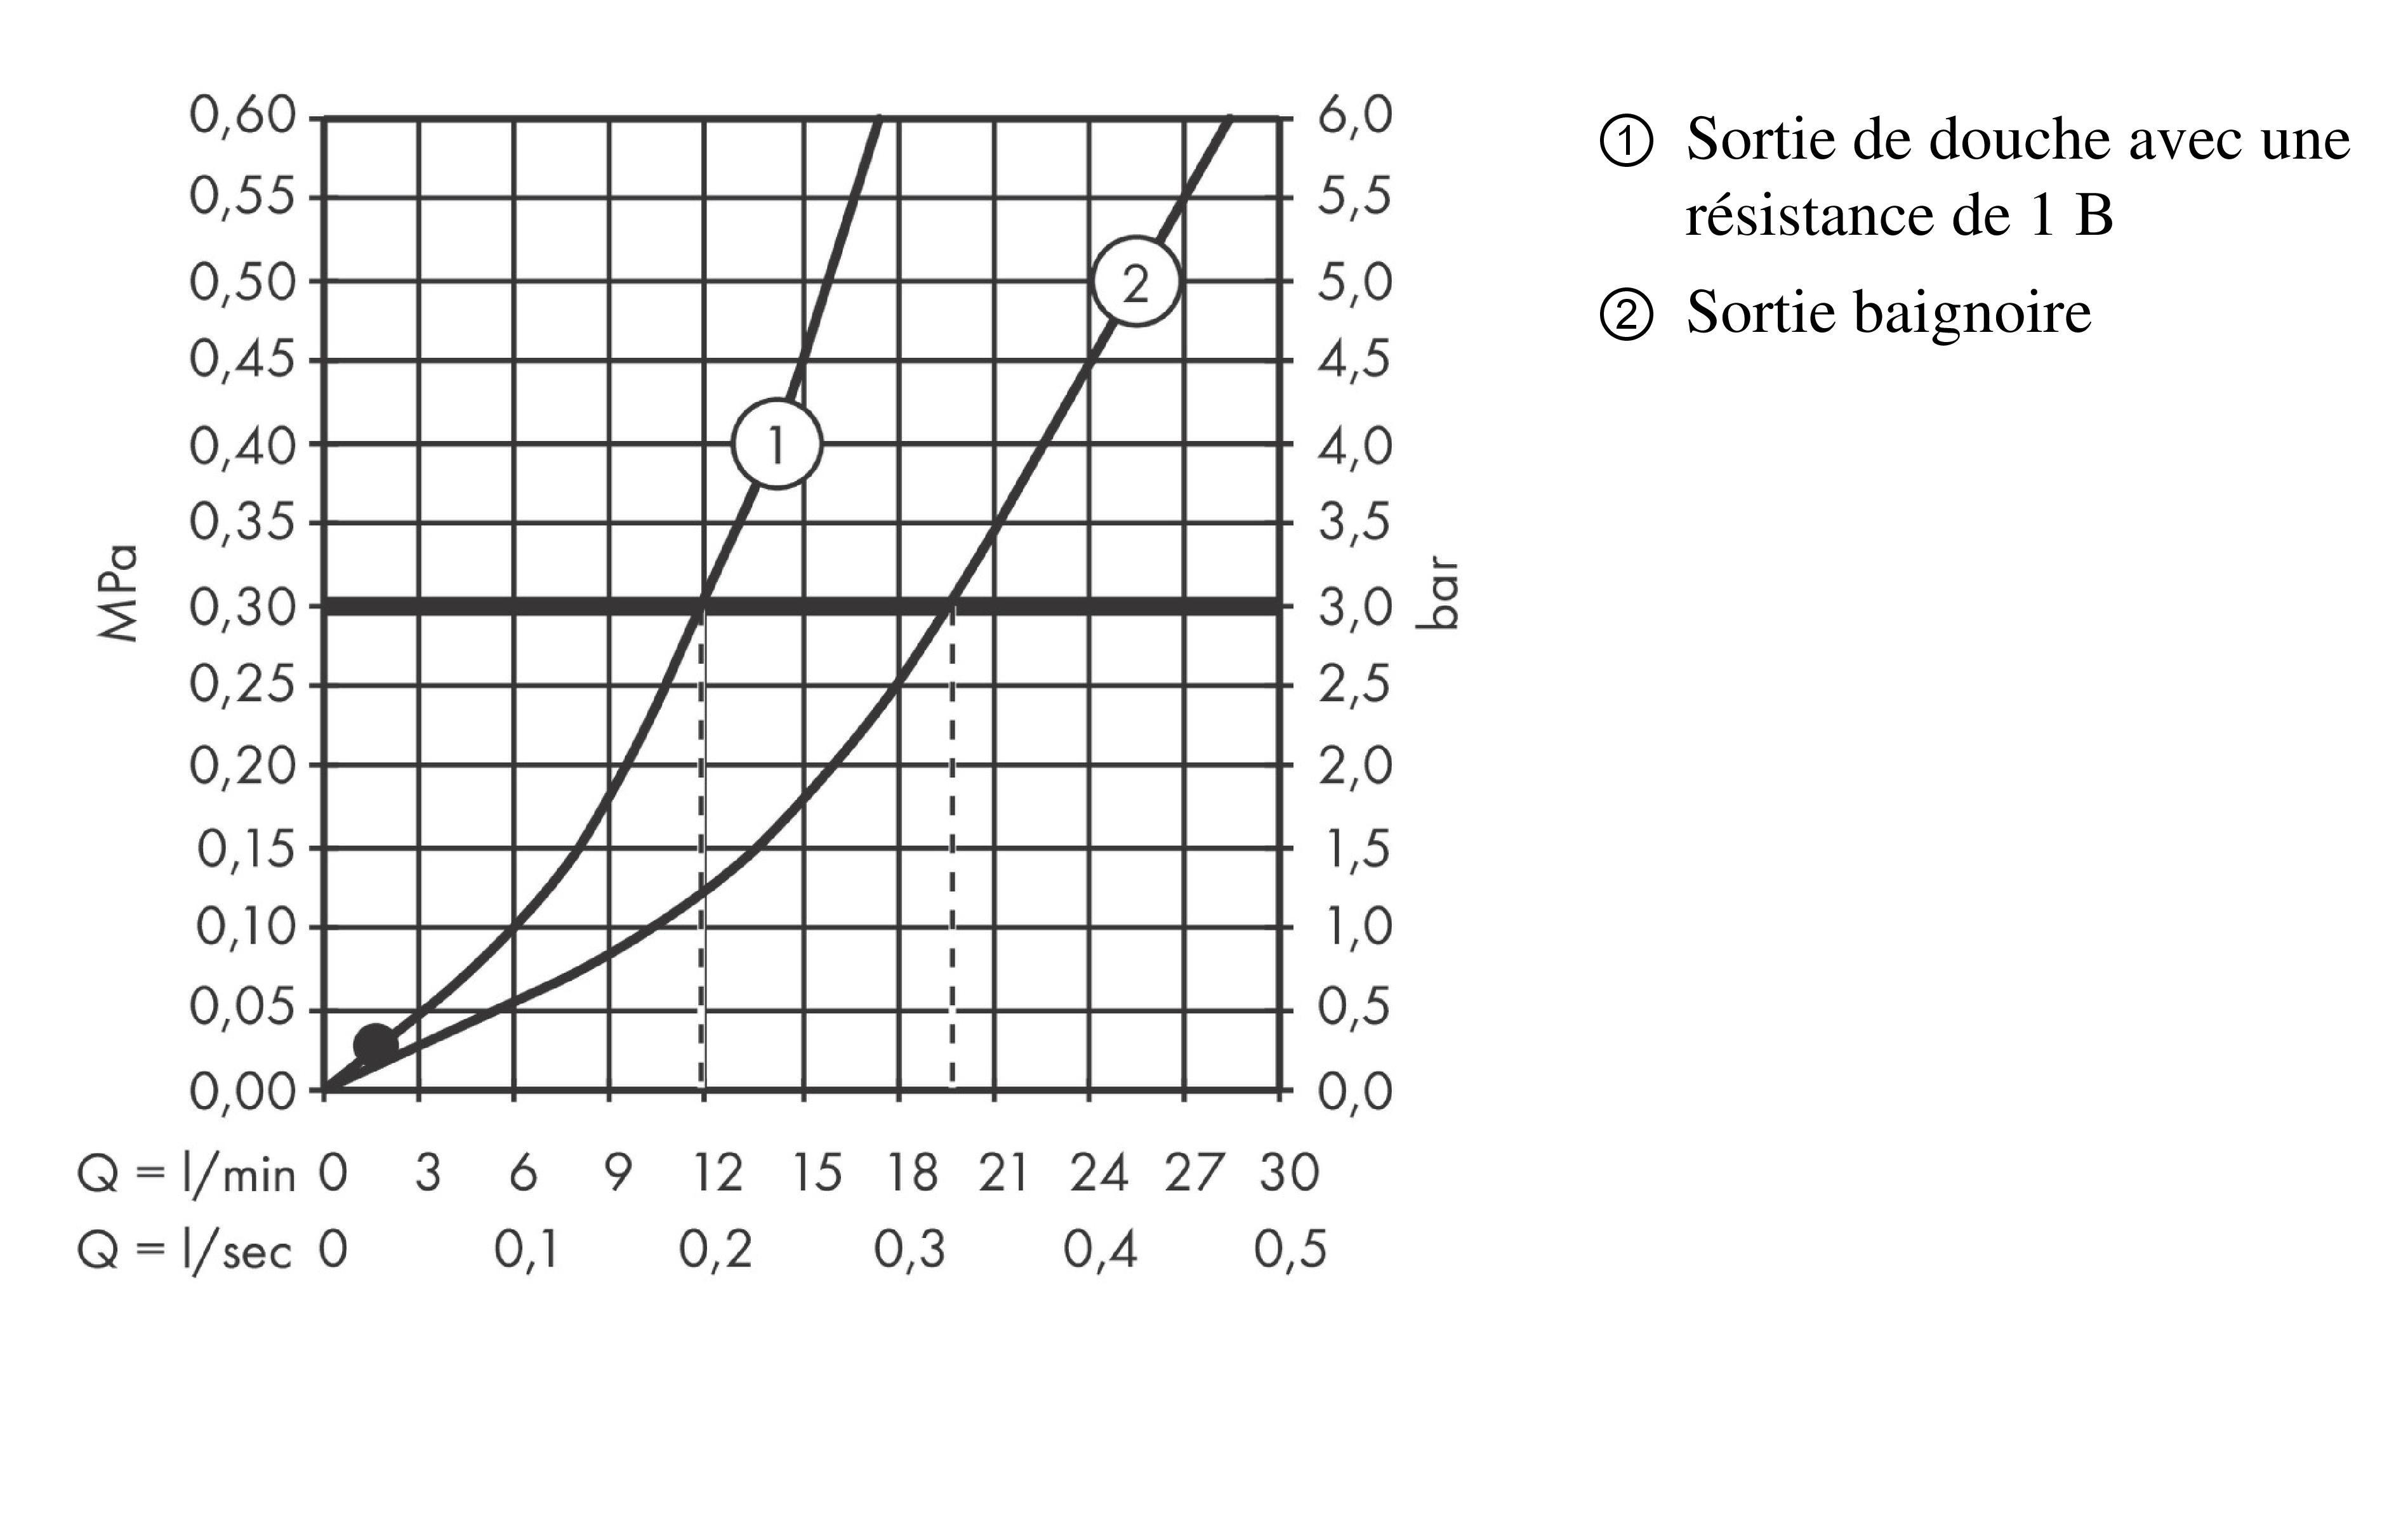 Hansgrohe montage en saillie Chrom/é poign/ée de rechange pour mitigeur thermostatique Ecostat Thermostat